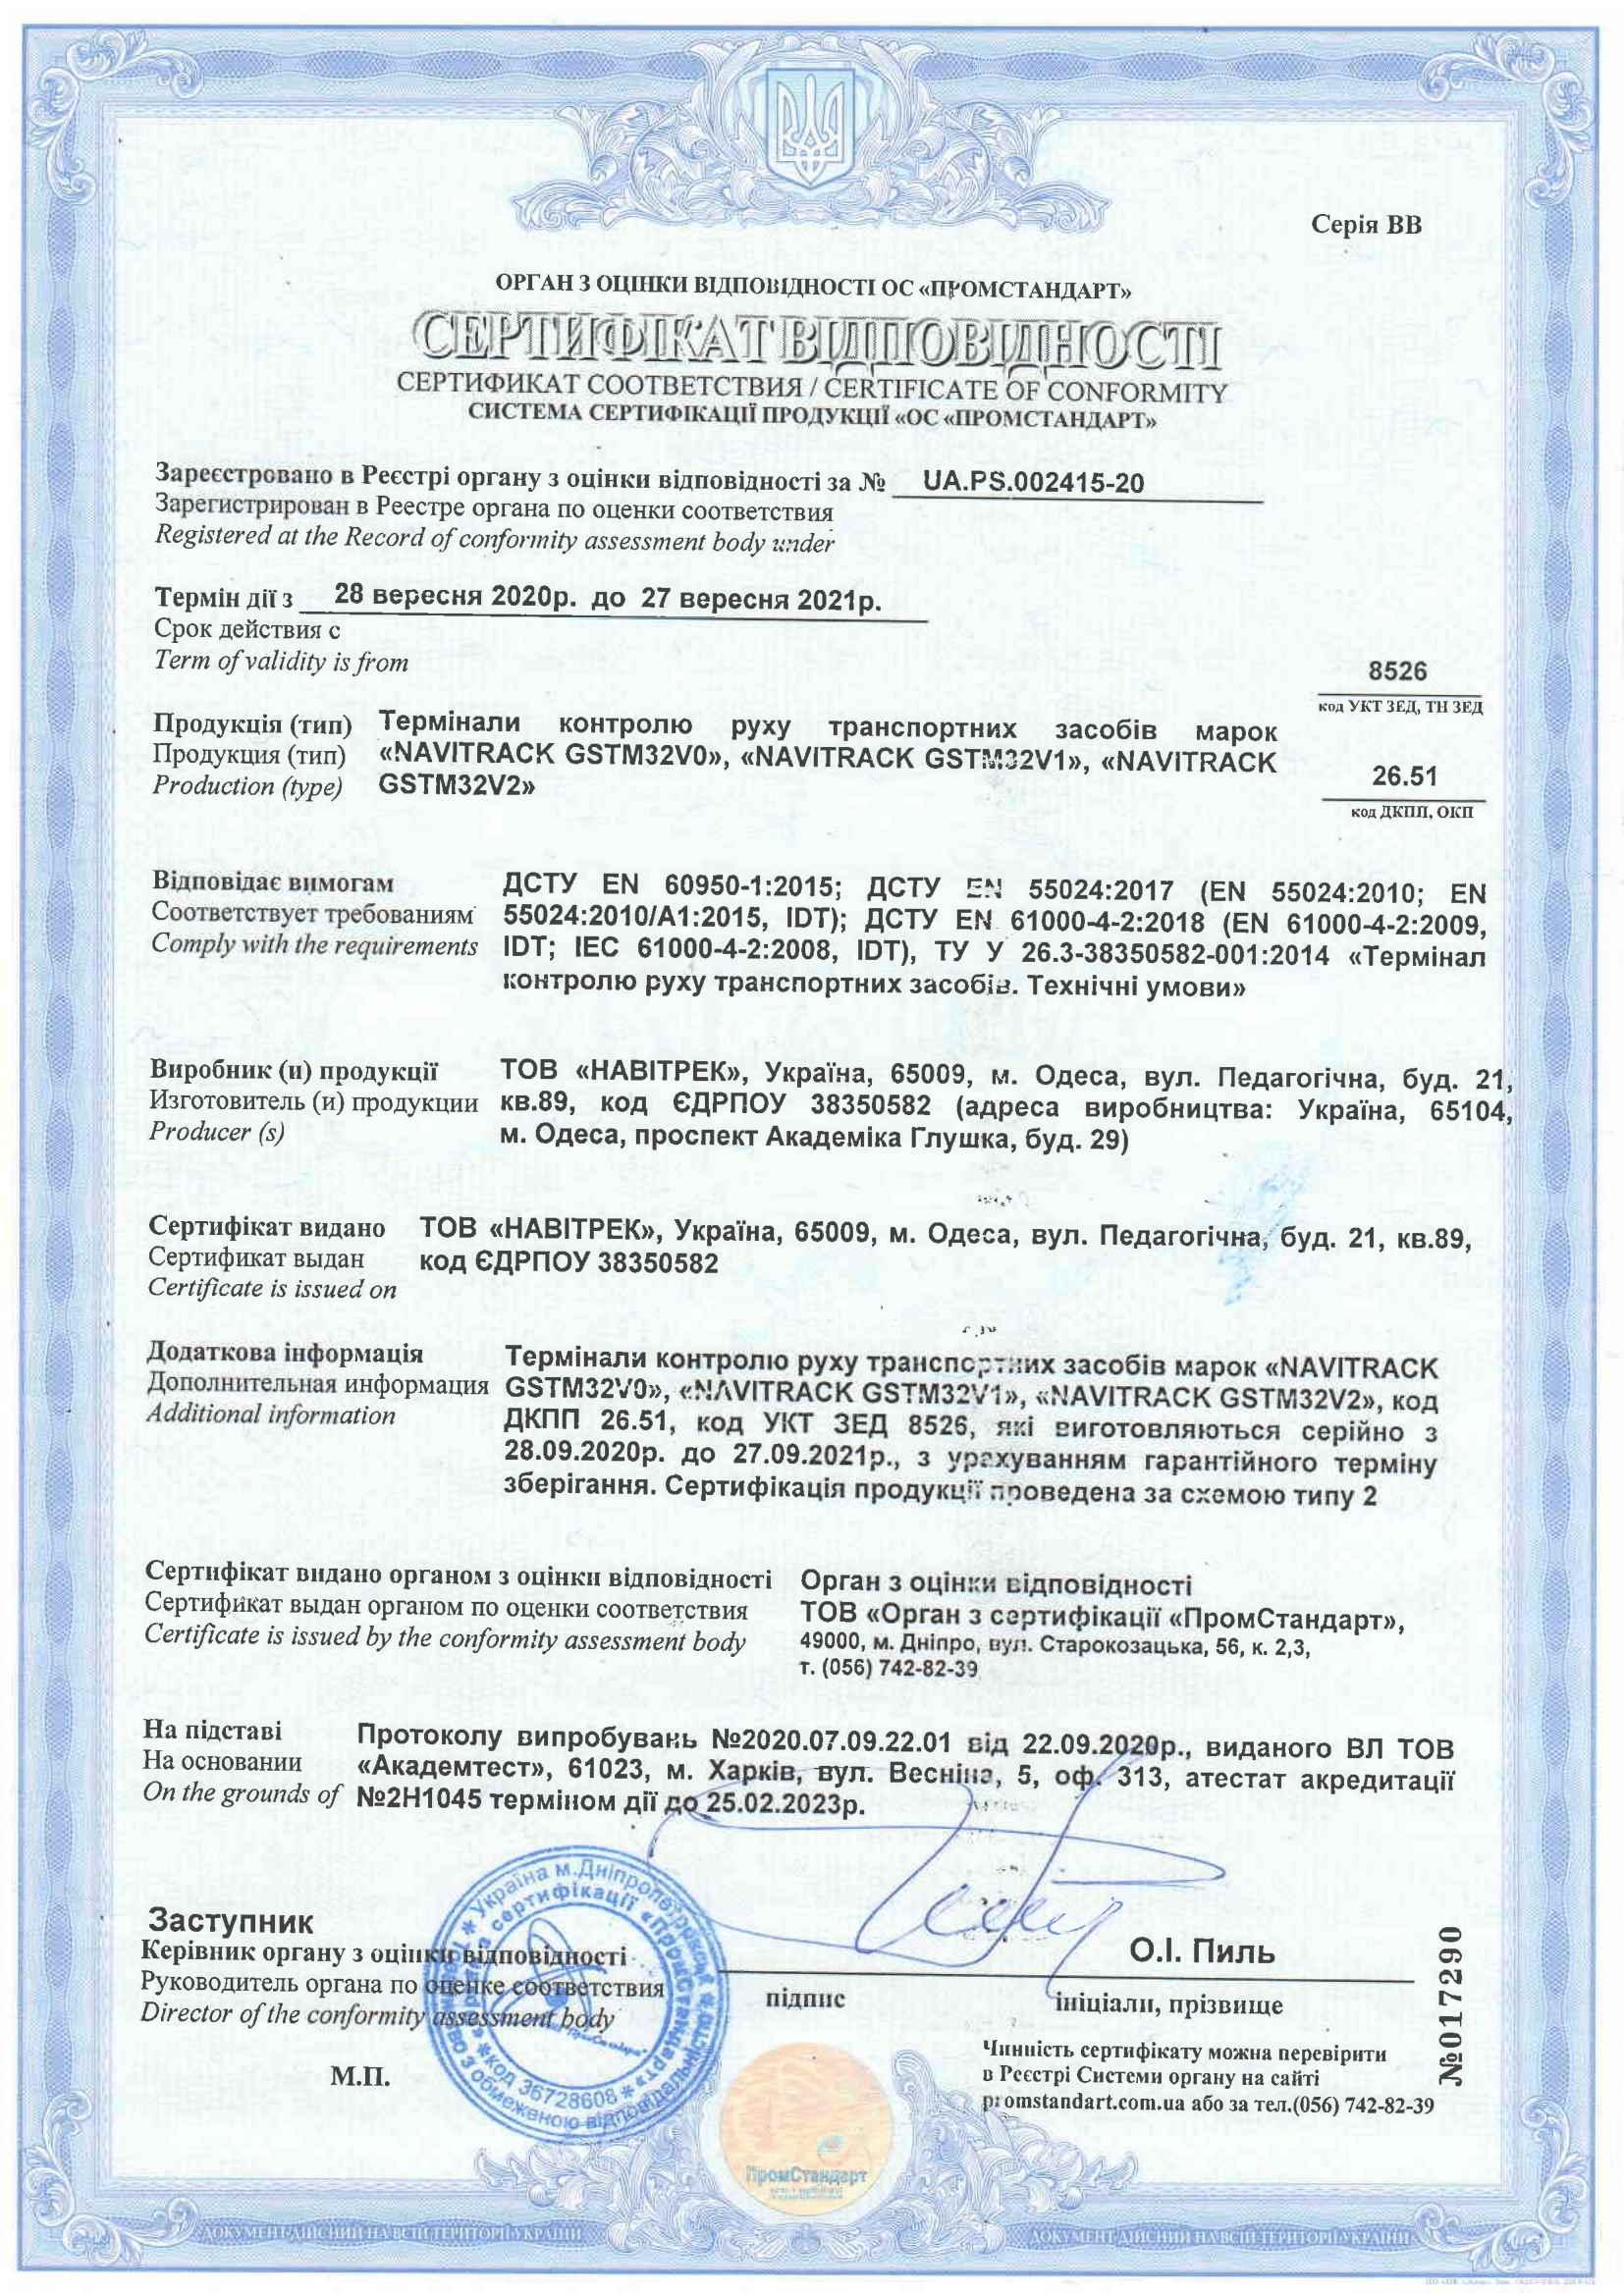 Сертификат соответствия требованиям ДСТУ